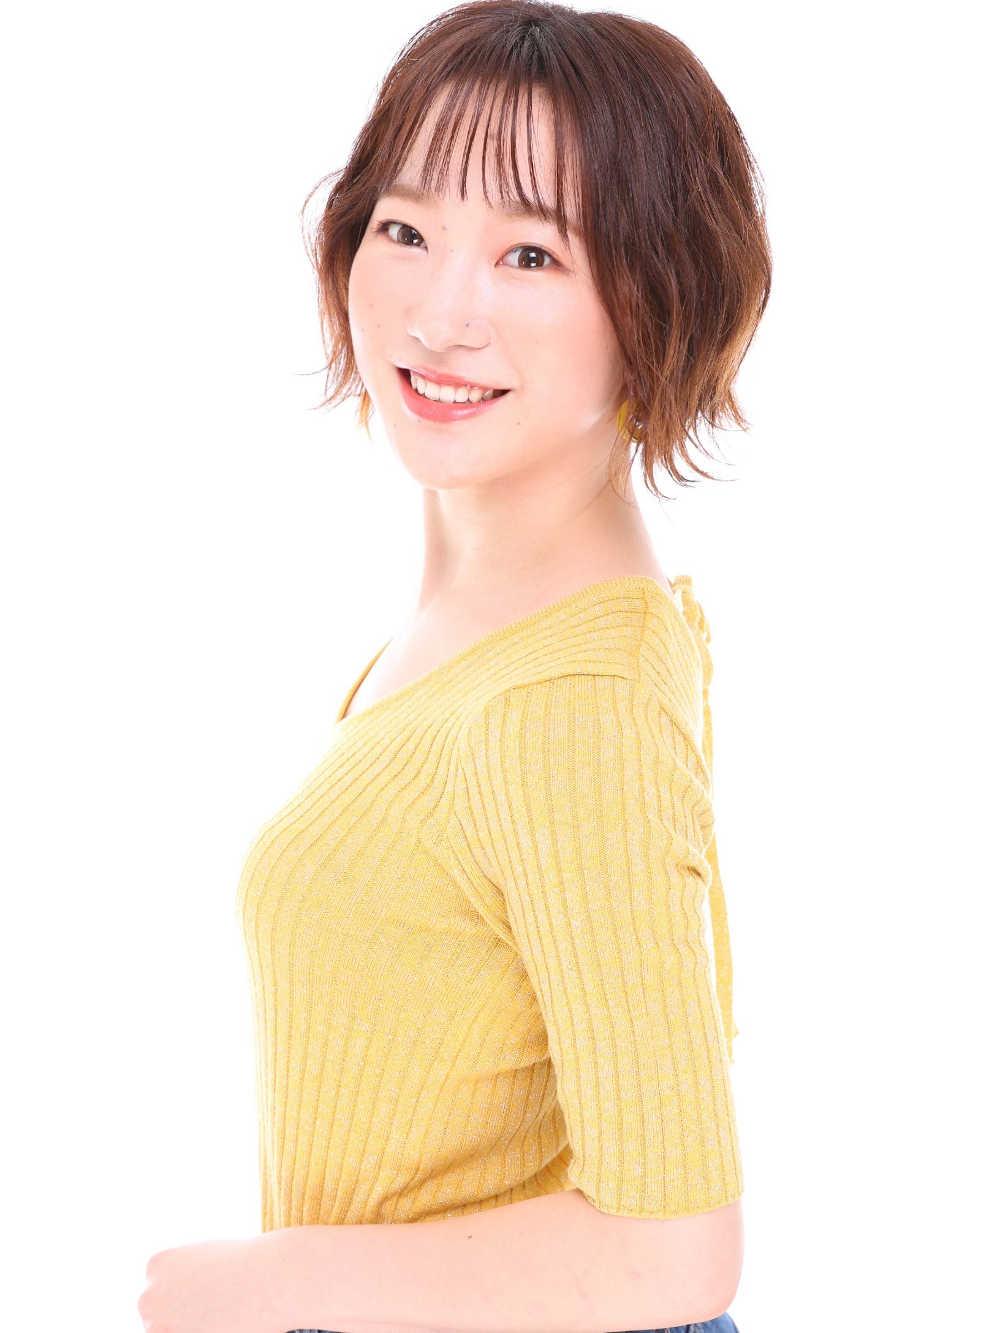 大須賀 彩子